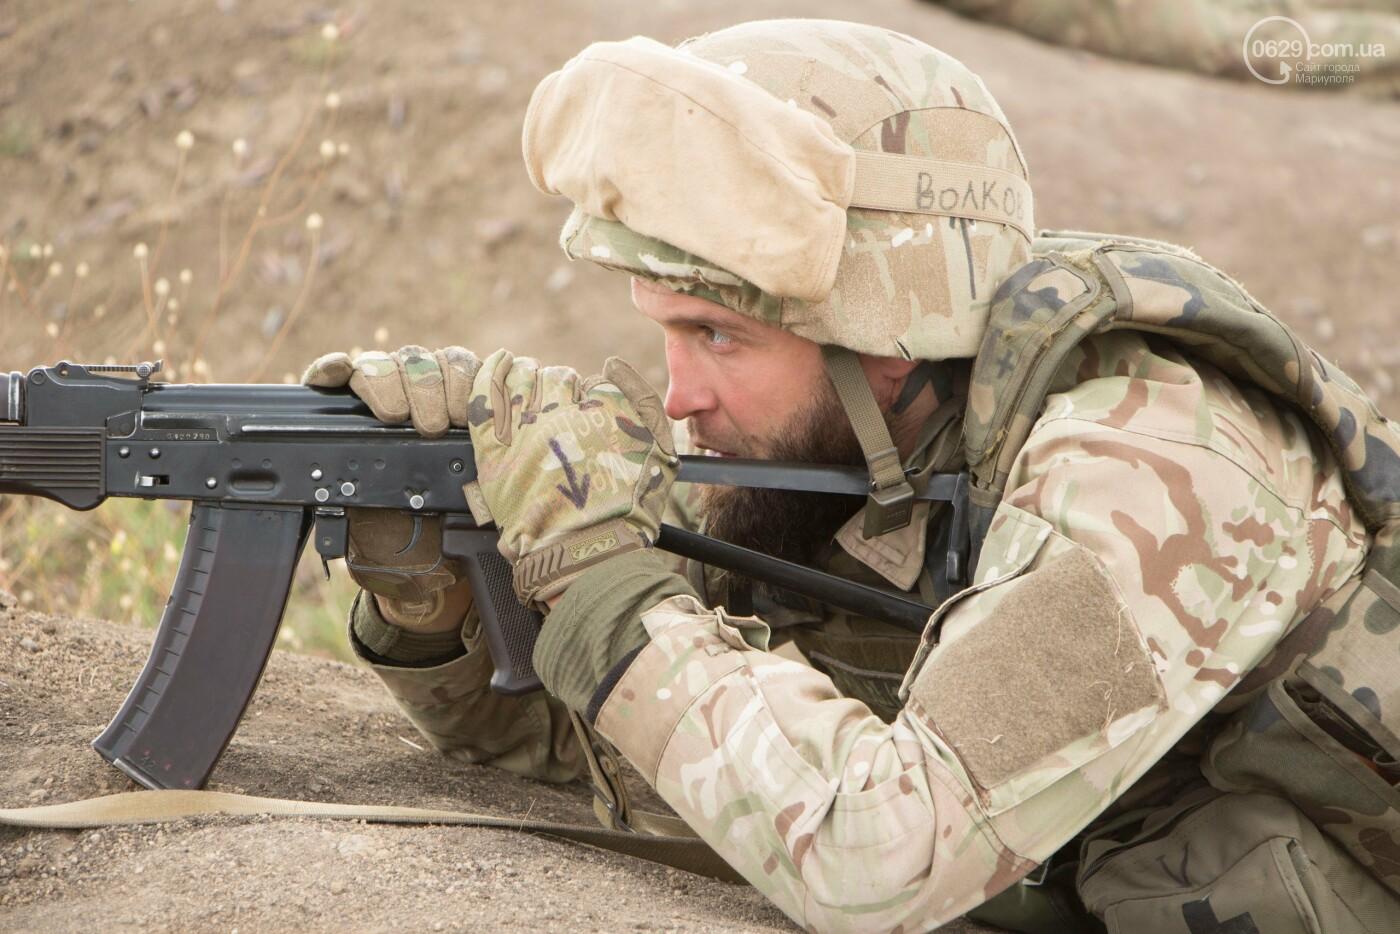 Как донецкий партизан Волков выжил в плену, чтобы воевать за Донбасс, - ФОТО, фото-2